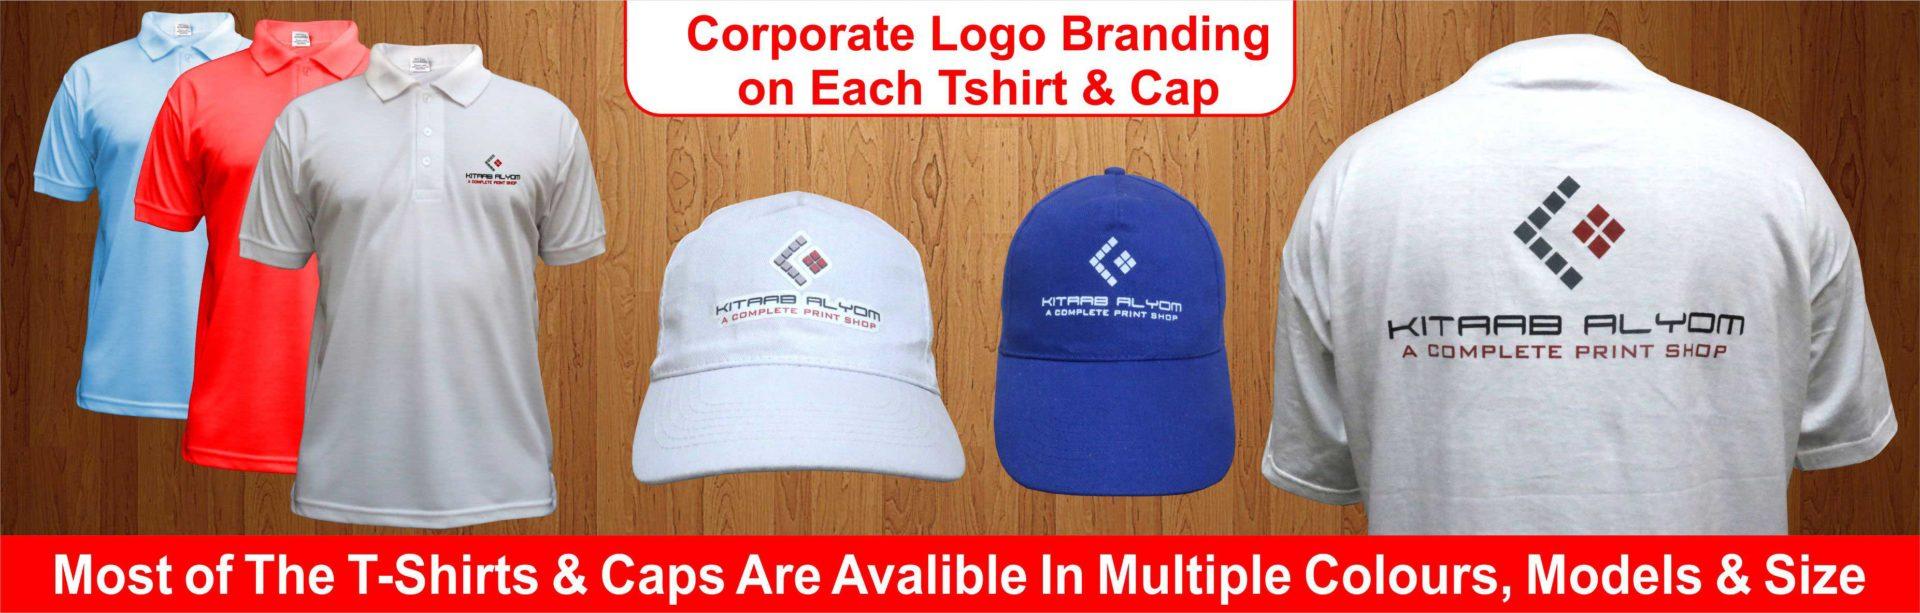 dd697ca9e T-Shirts, Caps Printing, in Dubai, Print T-Shirts, Caps in Dubai & Abu Dhabi